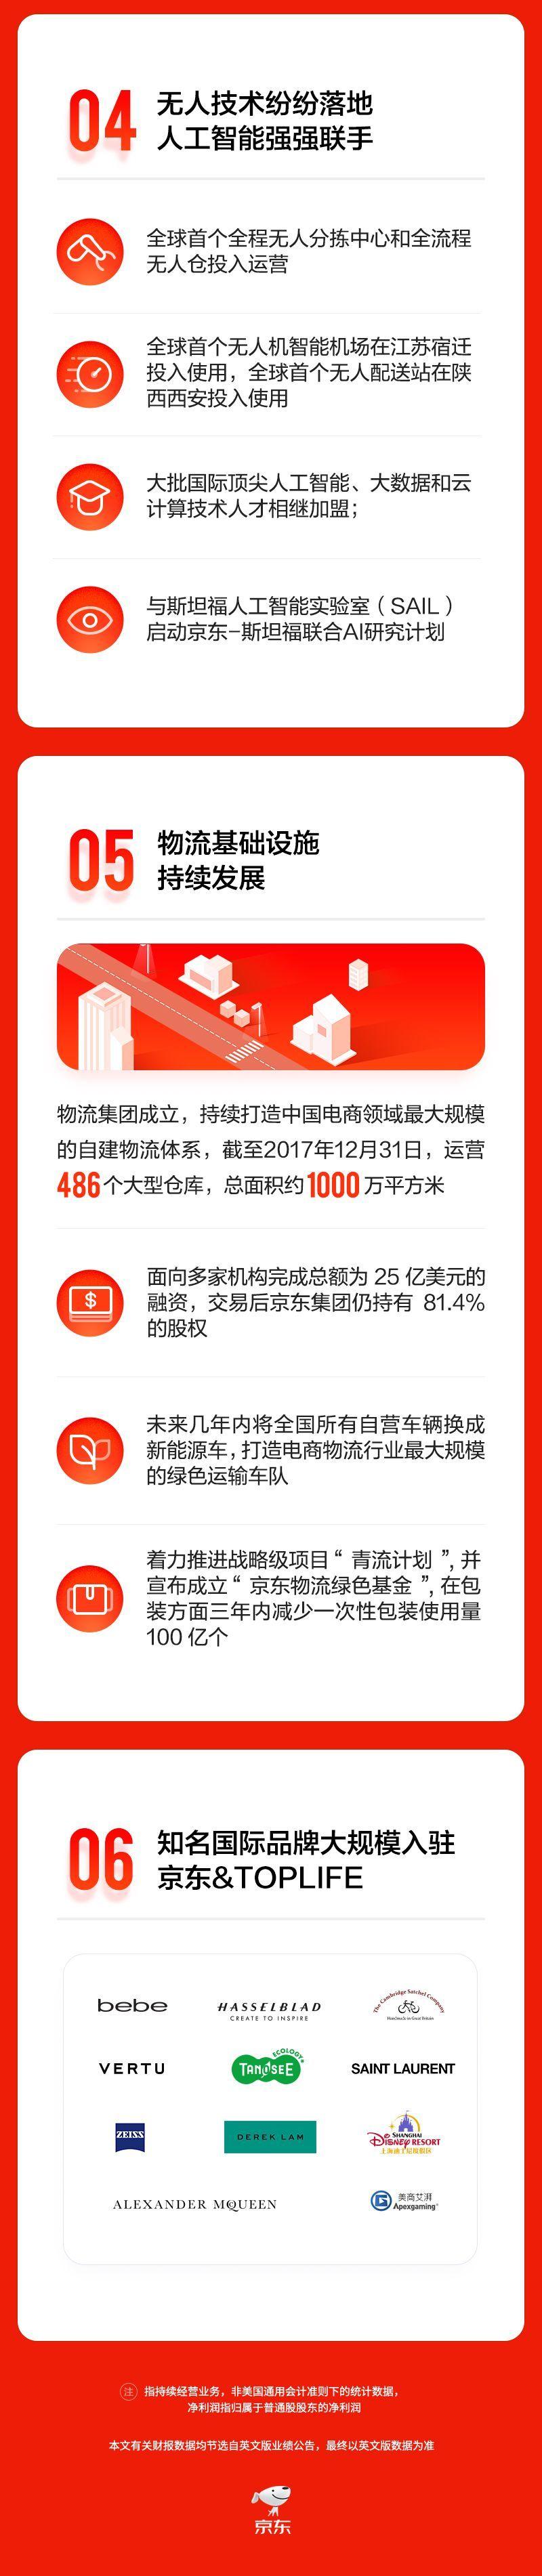 京东发布2017年年报,互联网的江湖,现在叫BATJ!